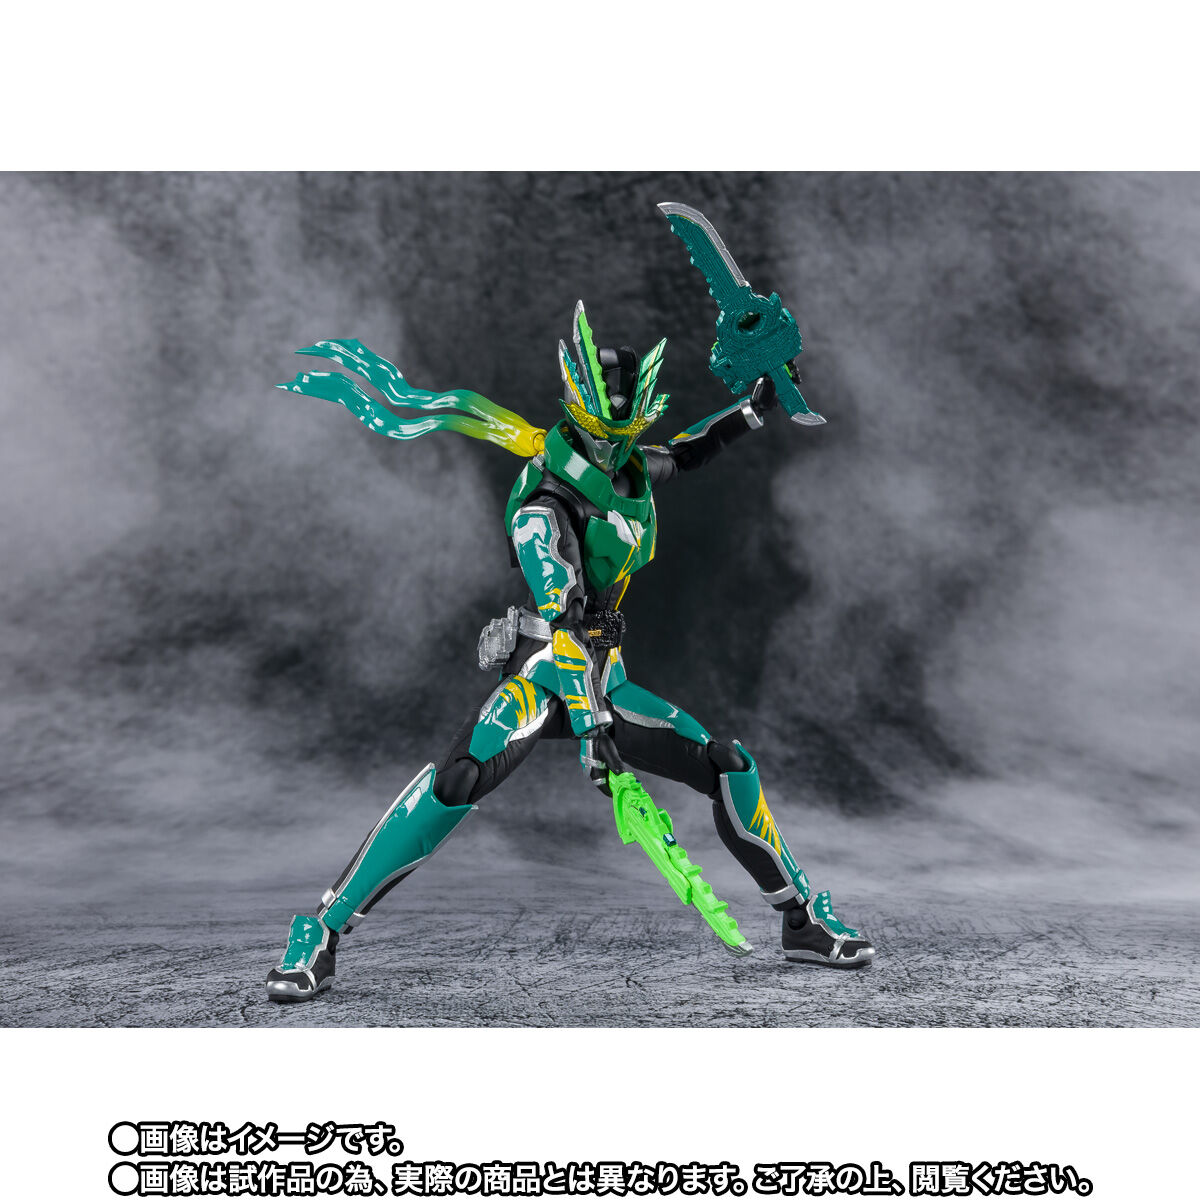 【限定販売】S.H.Figuarts『仮面ライダー剣斬 猿飛忍者伝』可動フィギュア-005